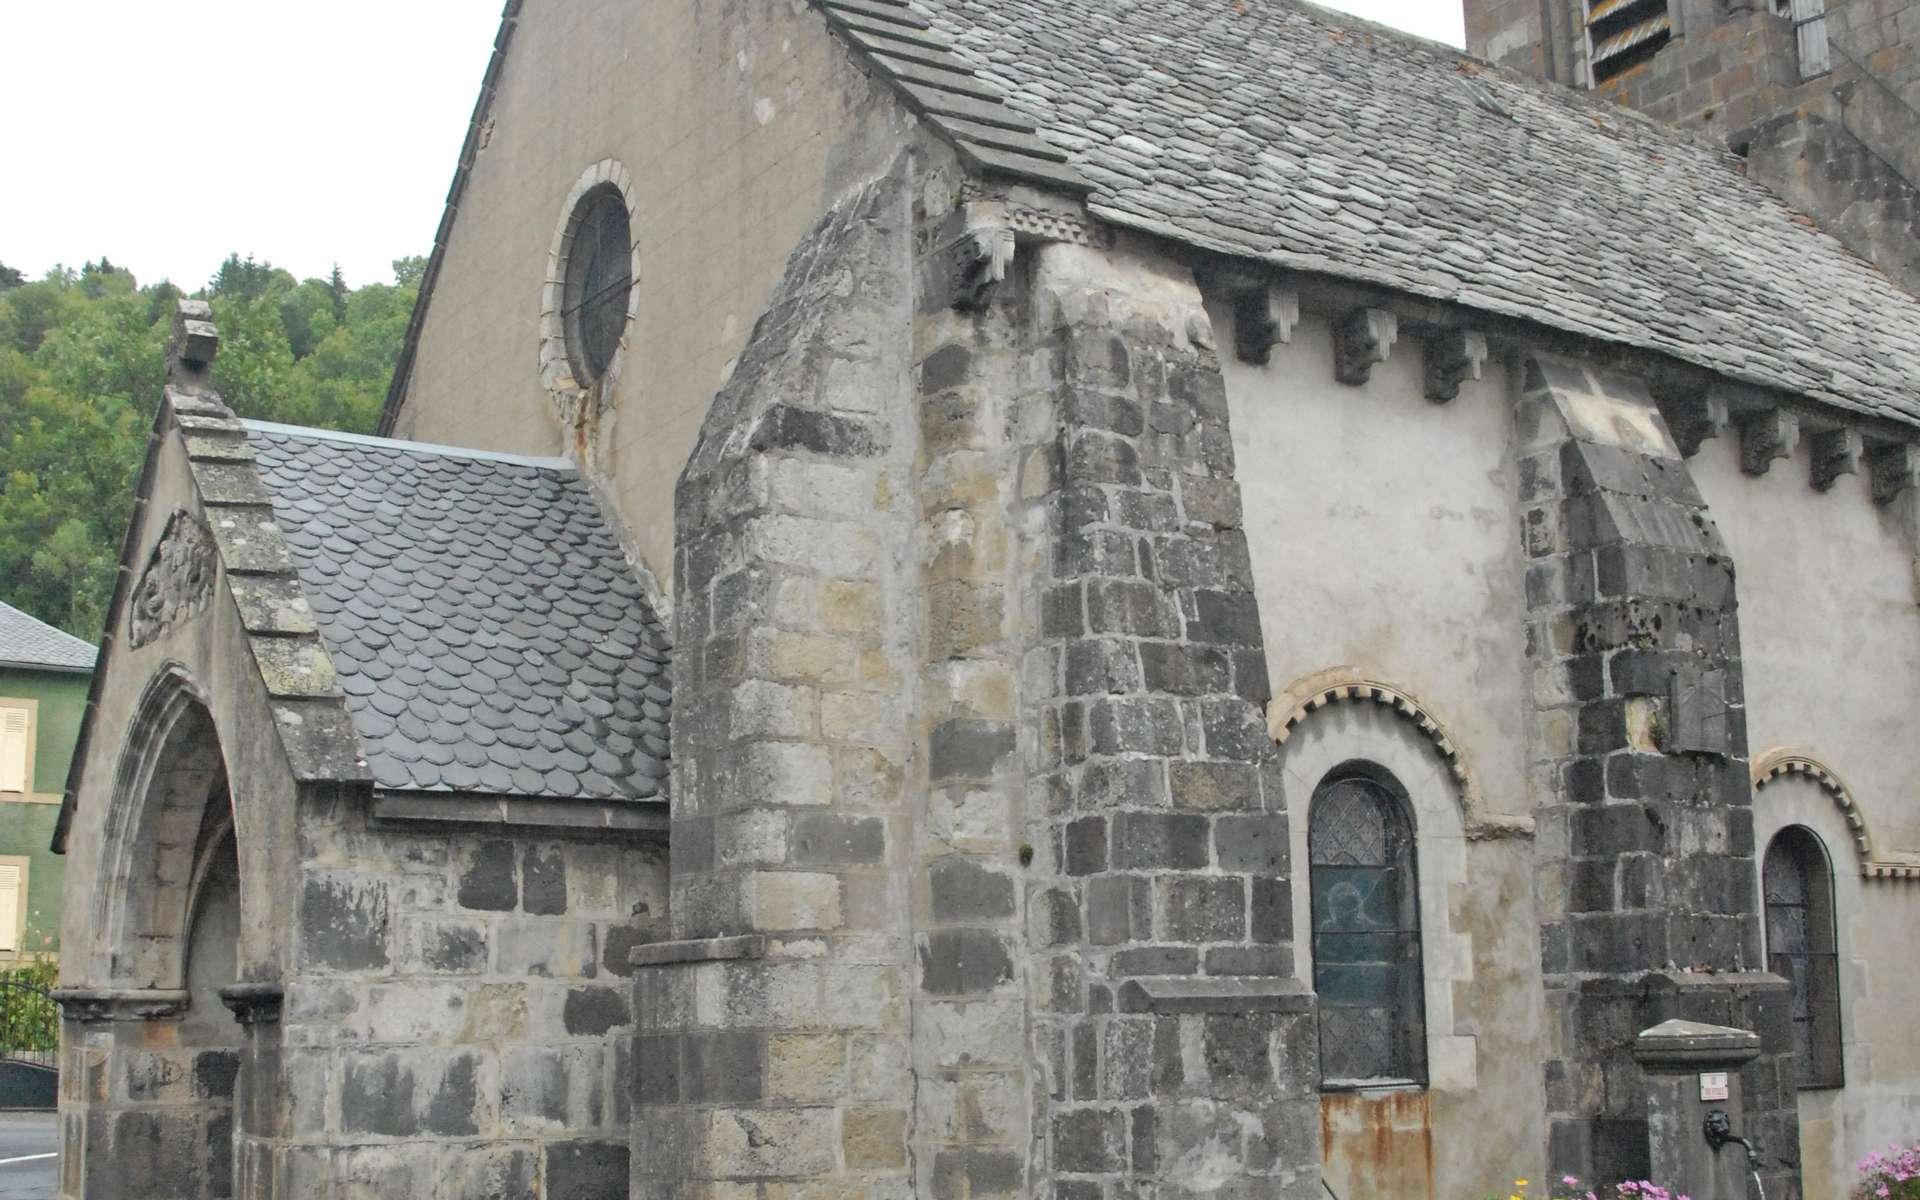 Le narthex est une pièce précédant la nef. © Jochen Jahnke, CC BY-SA 3.0, Wikimedia Commons